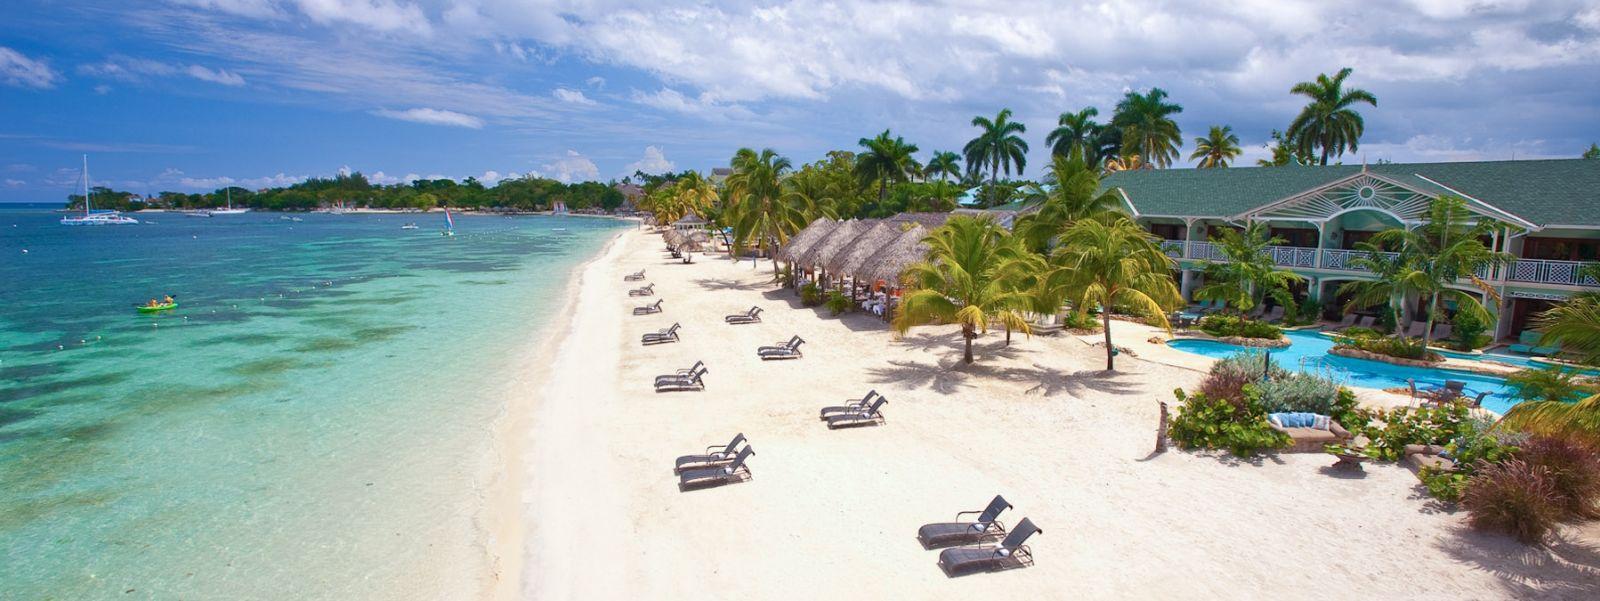 Plaja din Negril are o lungimede 12 kilometri